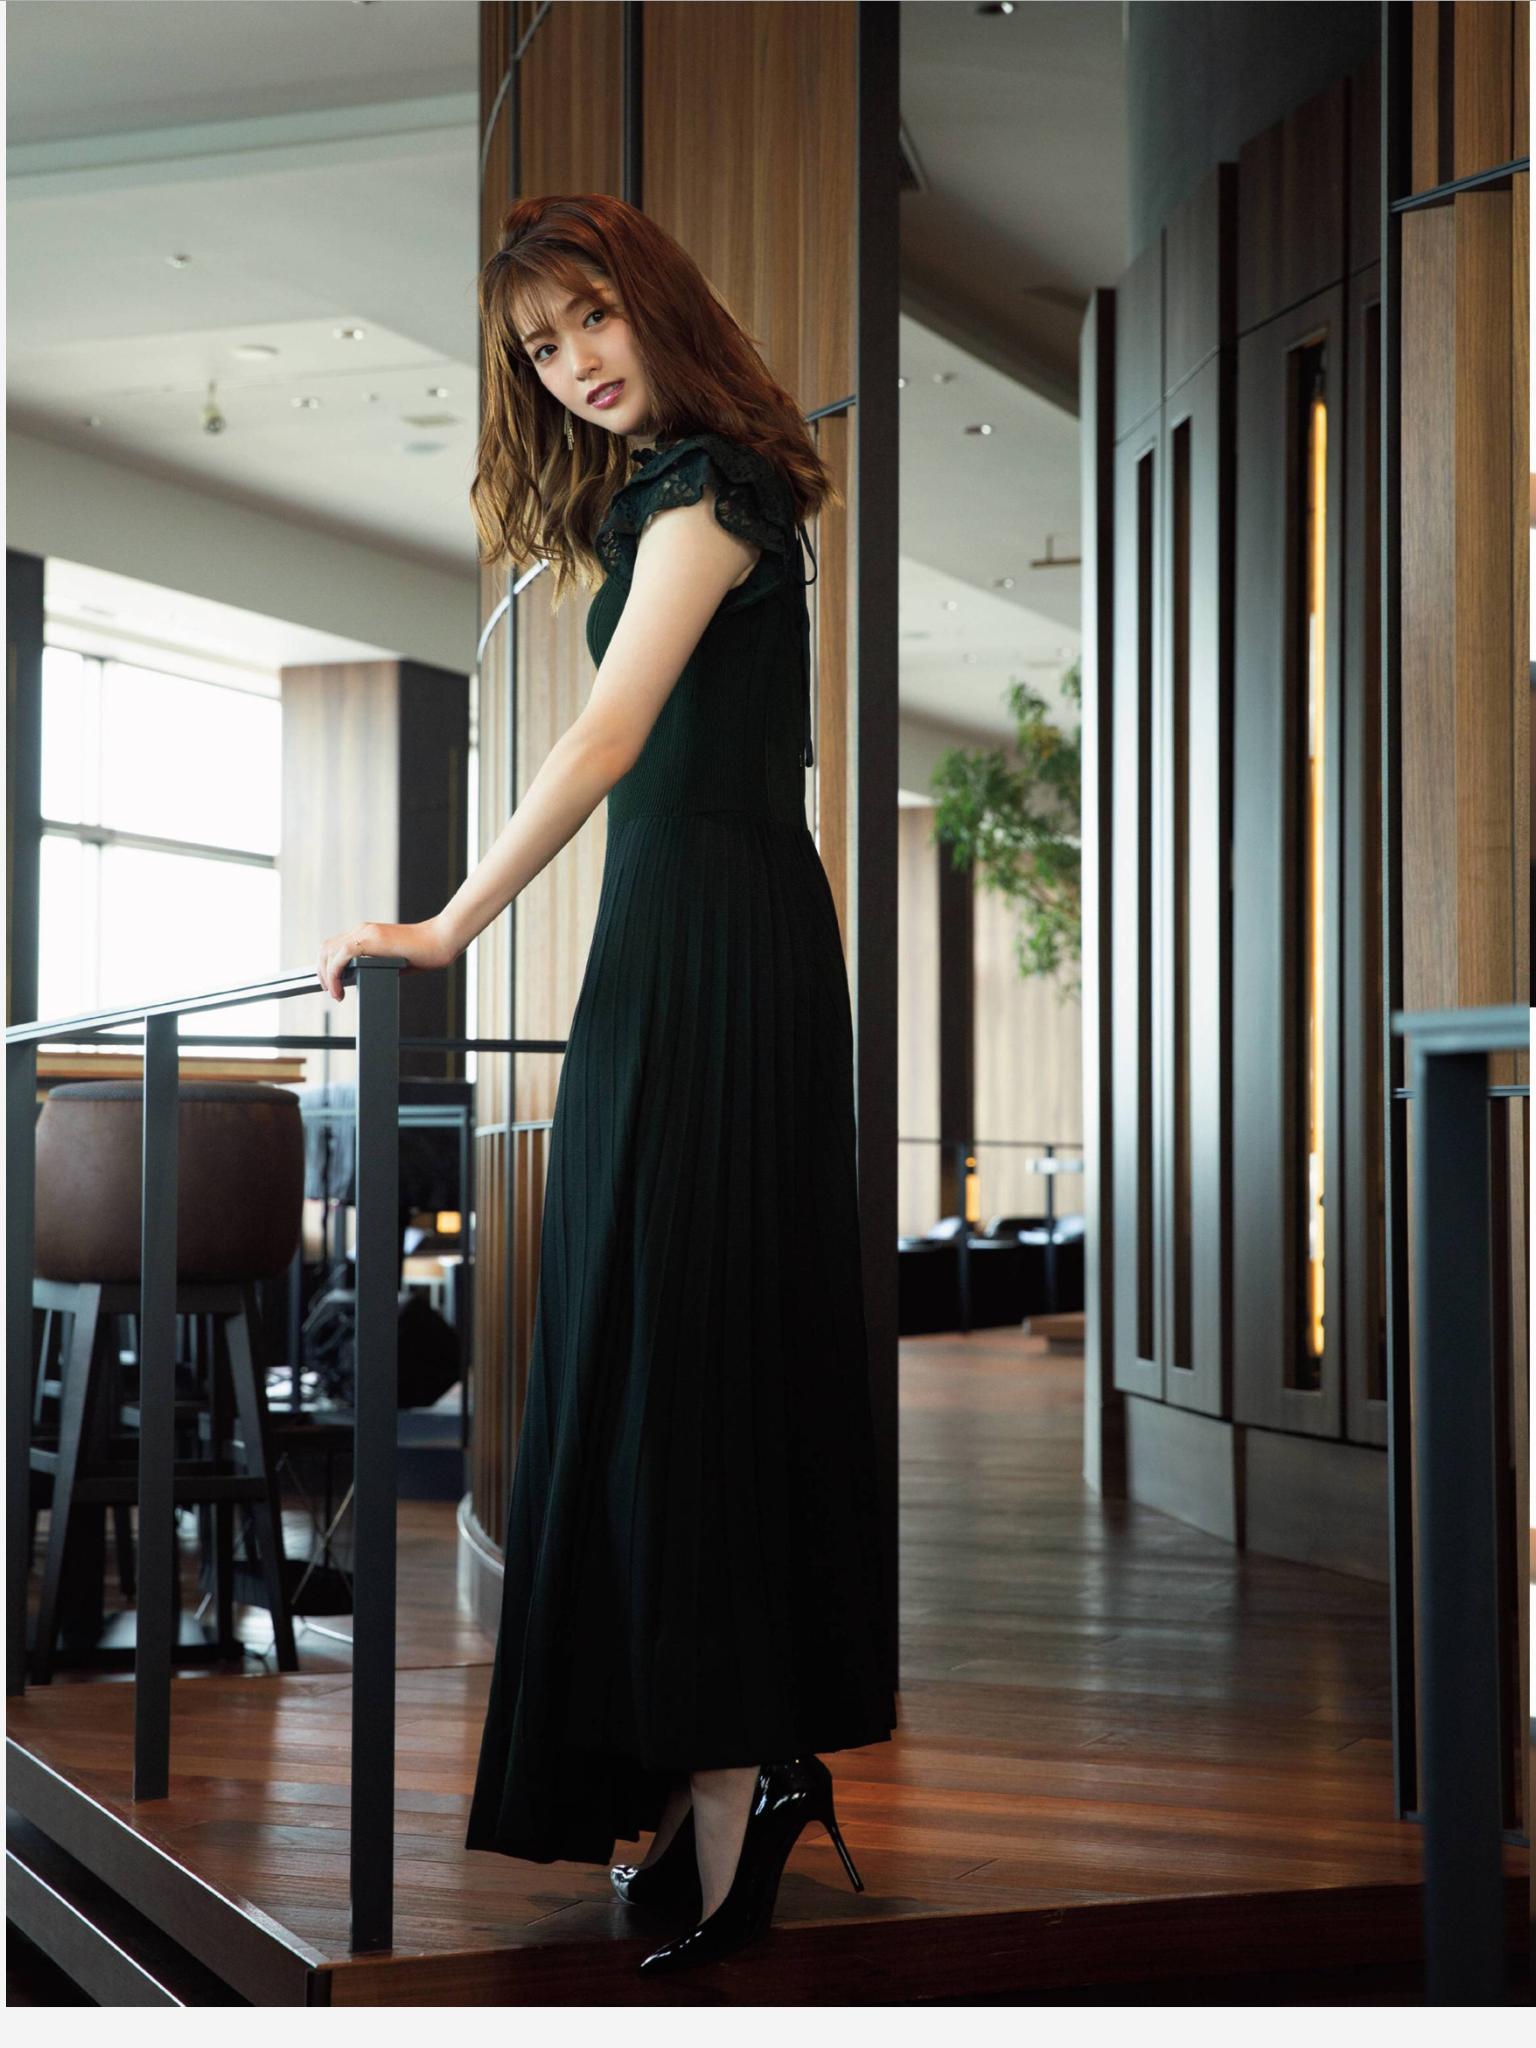 乃木坂46 おしゃれまとめの人気アイデア pinterest ko ファッションアイデア 早乙女 ラグジュアリーランジェリー